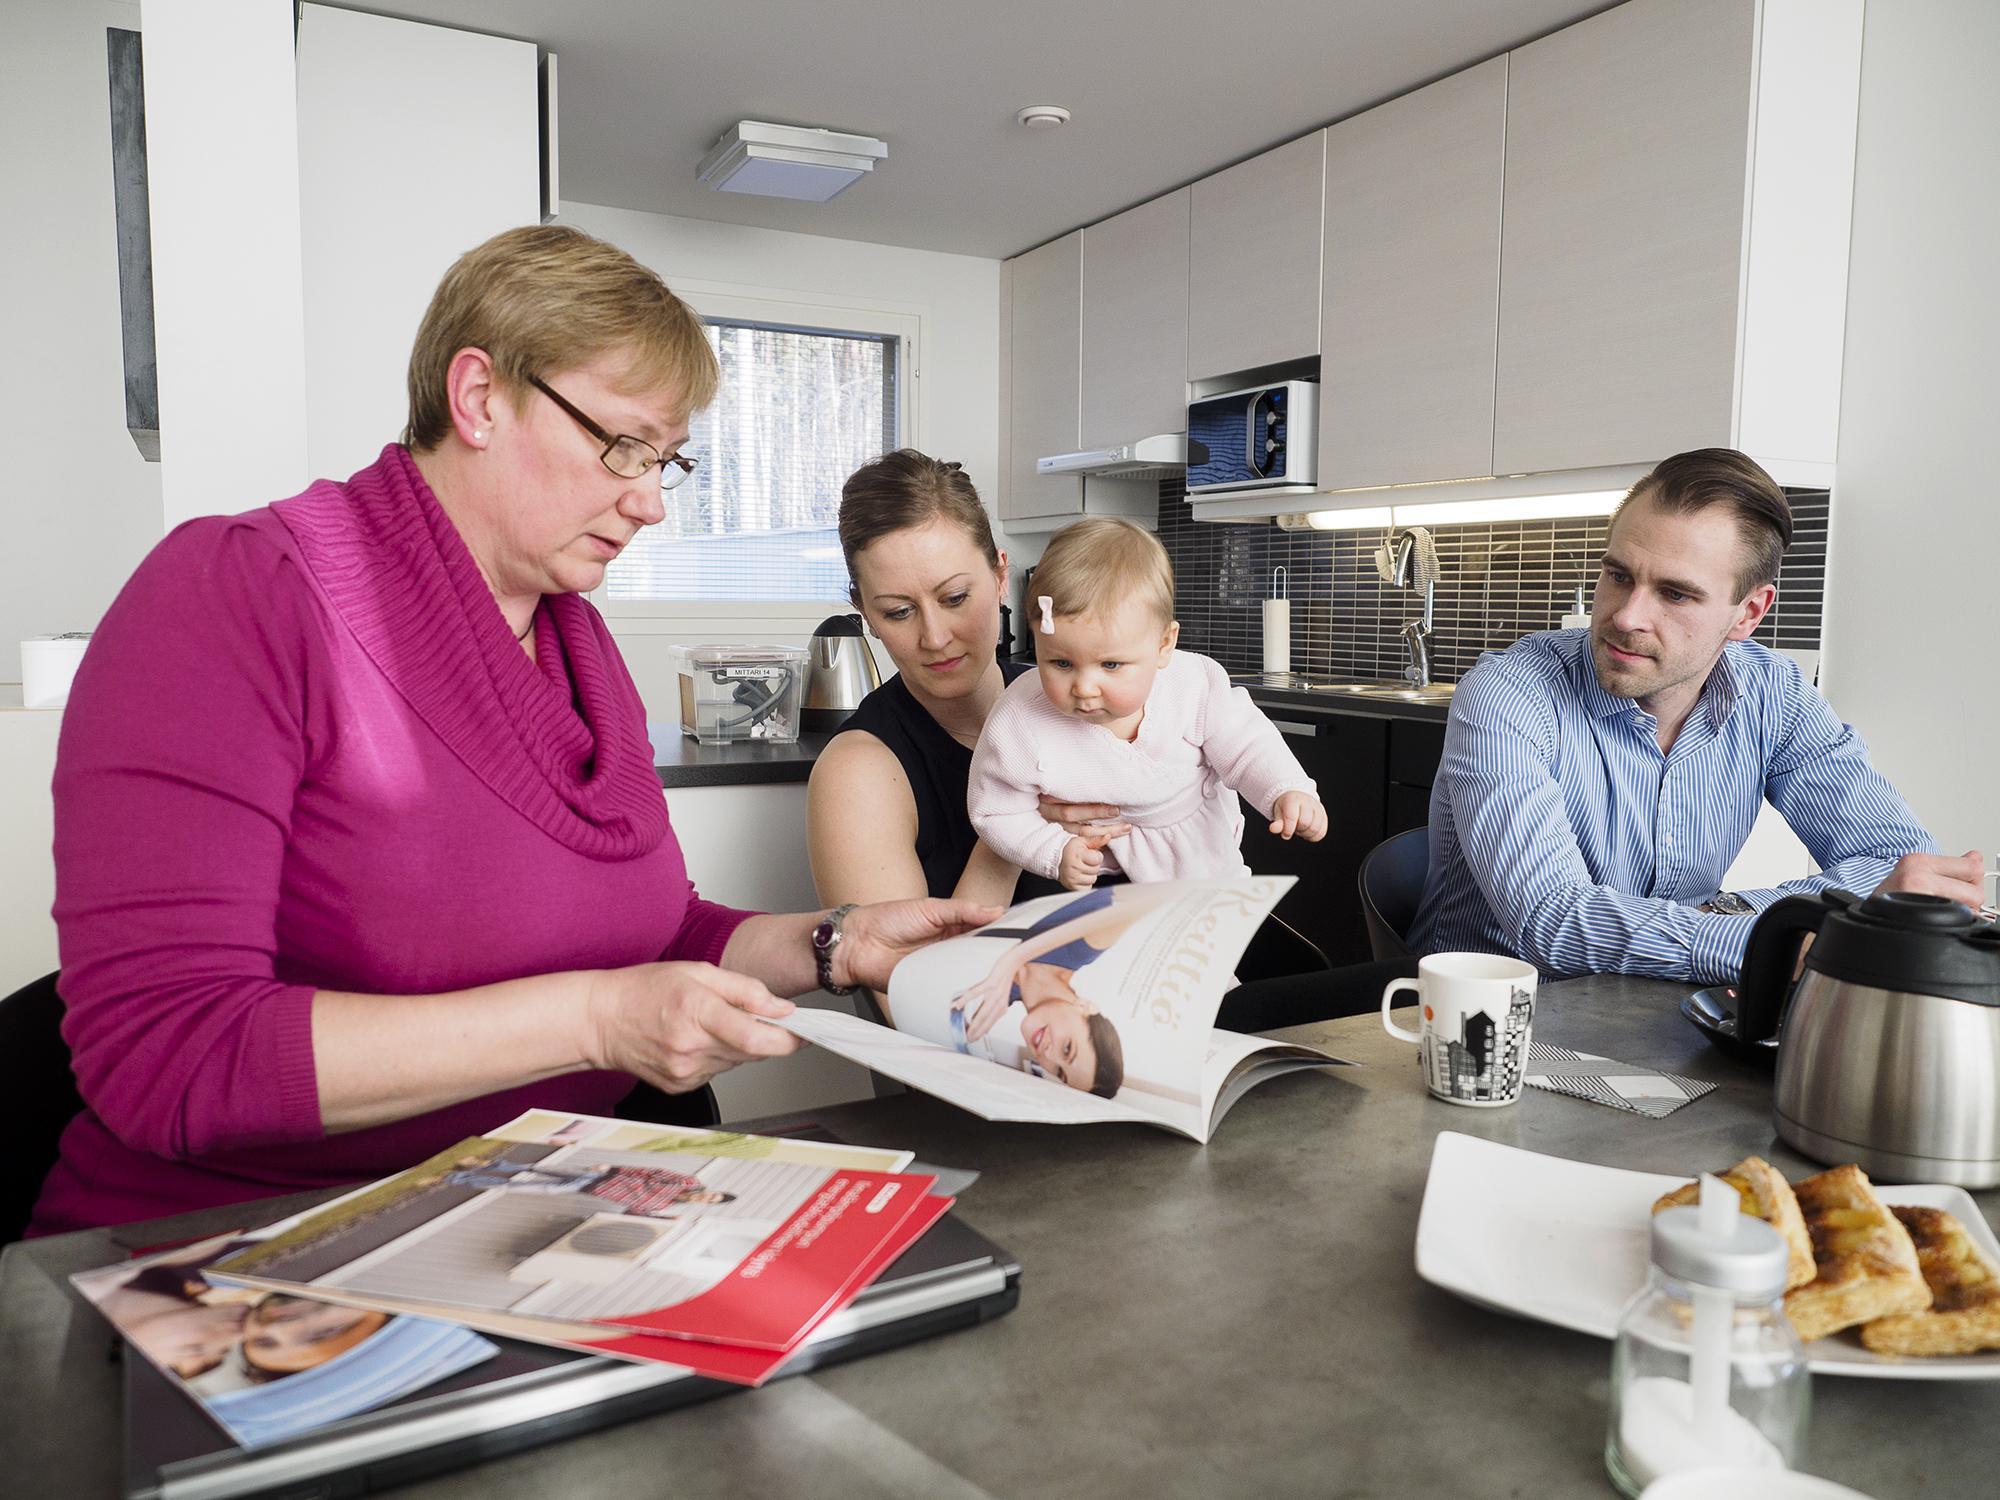 Energianeuvoja Päivi Rae sekä Saara ja Sami Parikka tyttärensä kanssa.